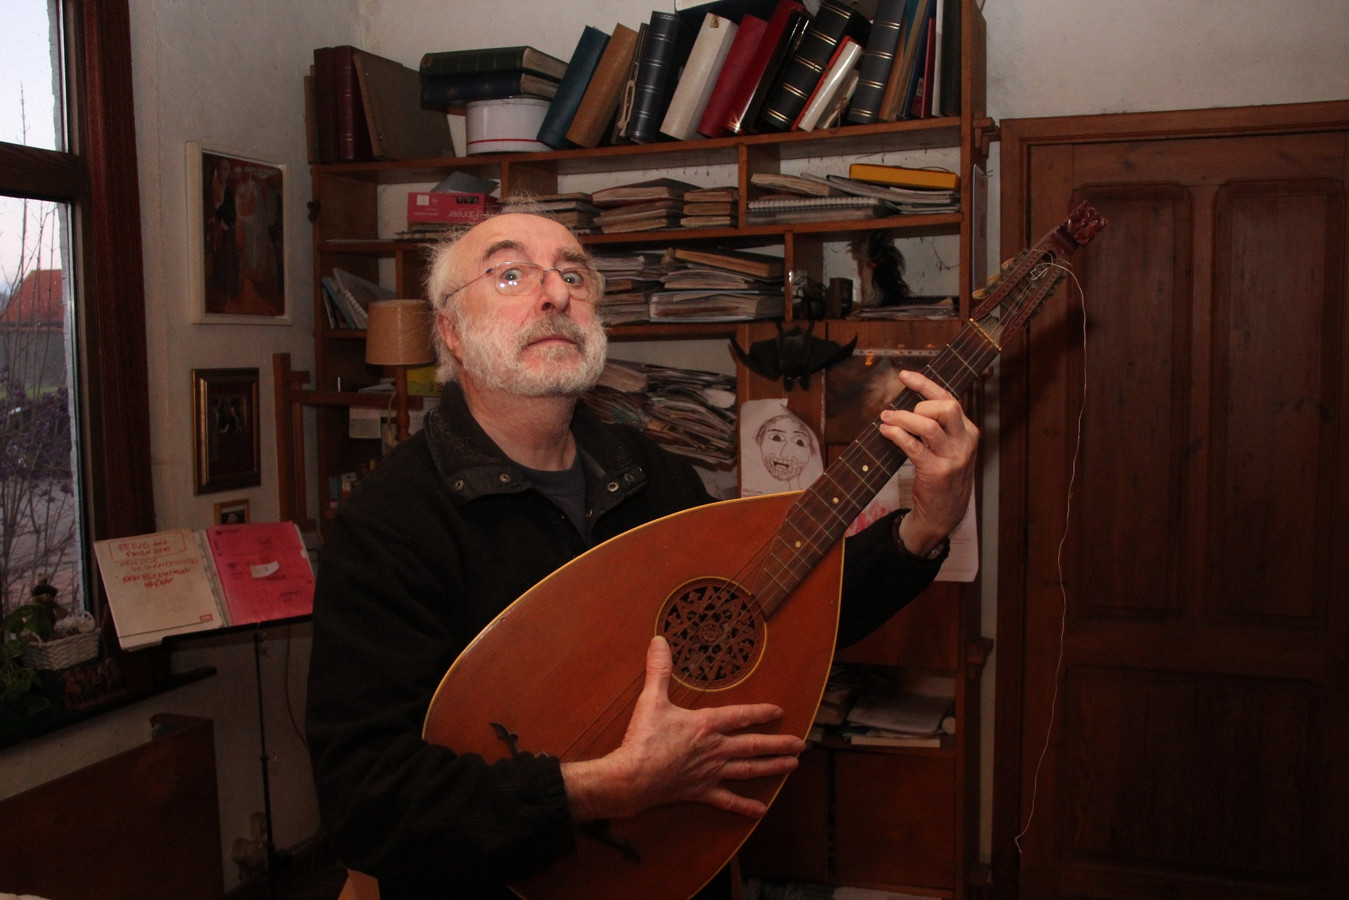 Zanger Jan De Wilde werd 75 op 1 januari 2019.